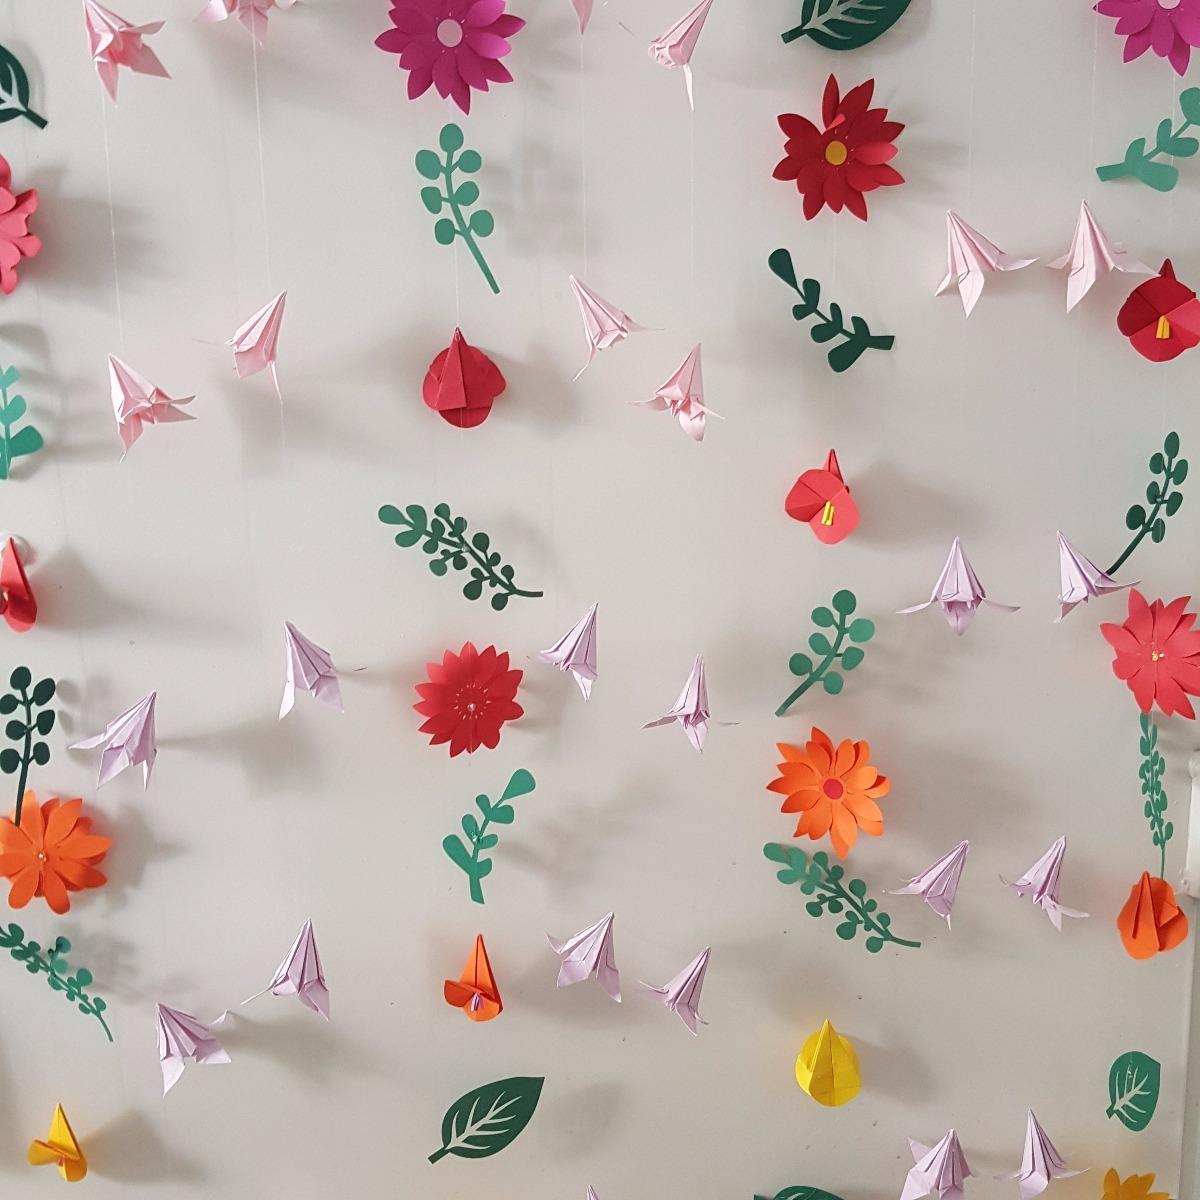 Guirnalda Cortina Flores En Papel Decoracin Ambientacin